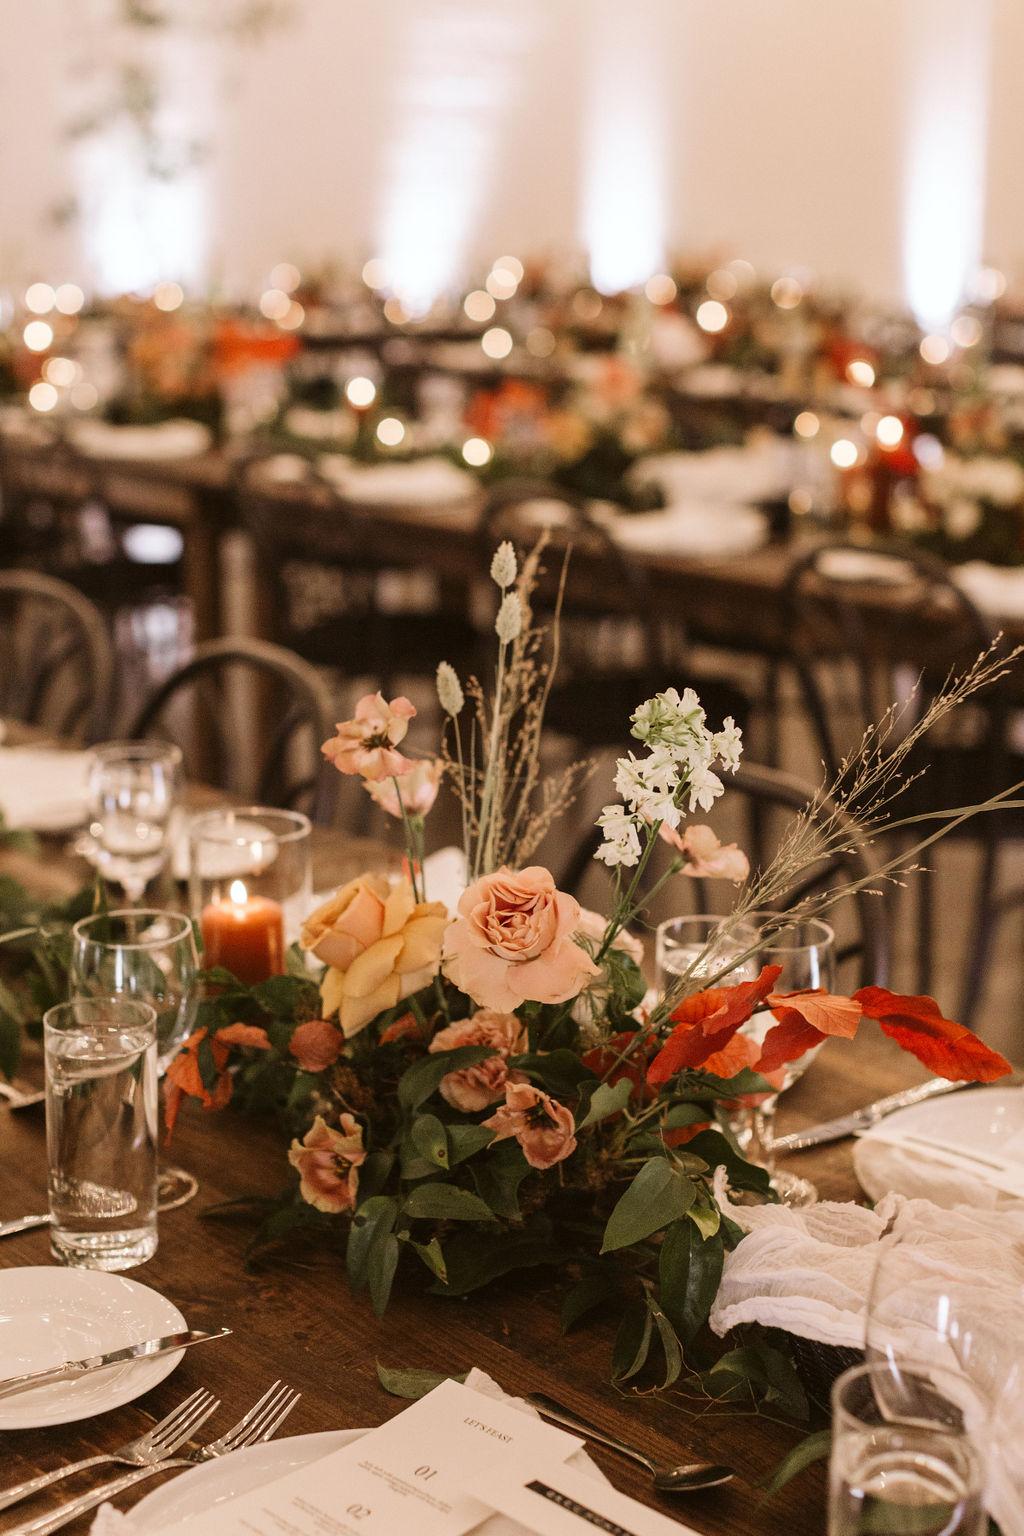 kristina+ryan_toronto+winter+wedding-673.jpg